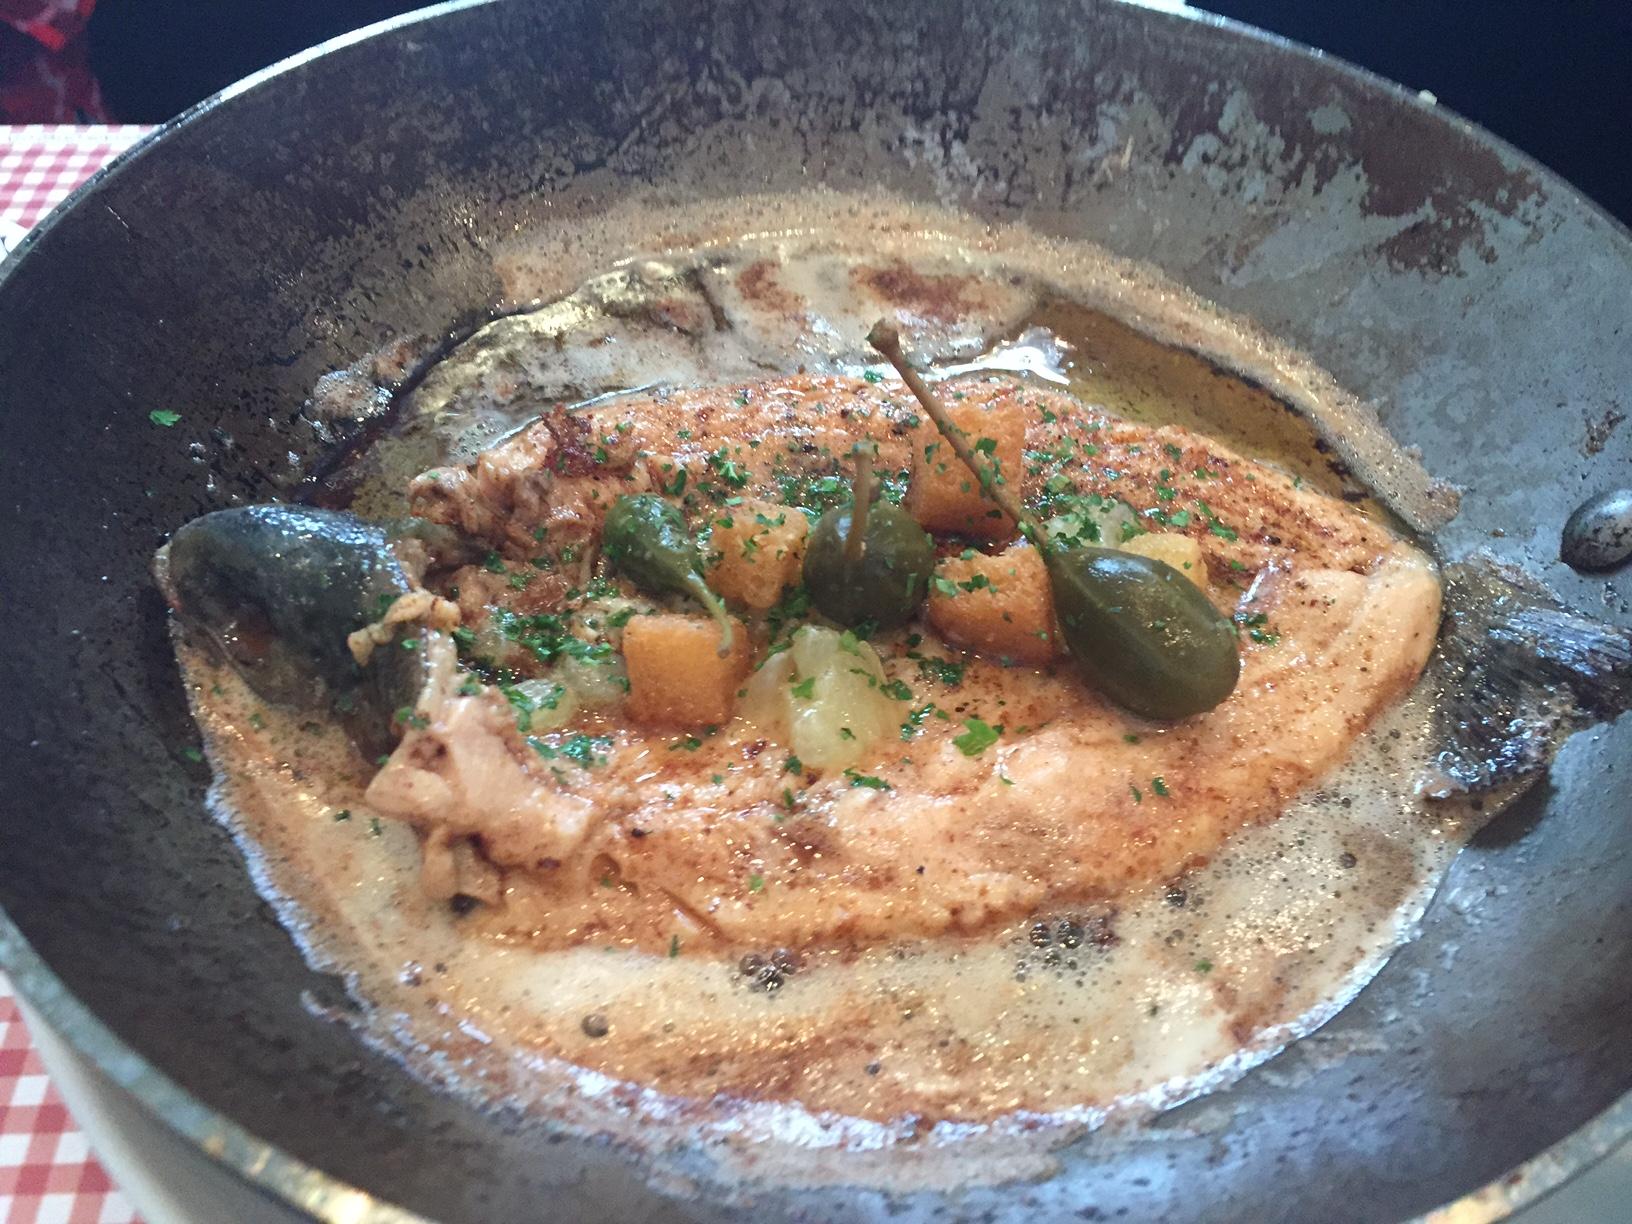 Whole pink trout served À la grenobloise